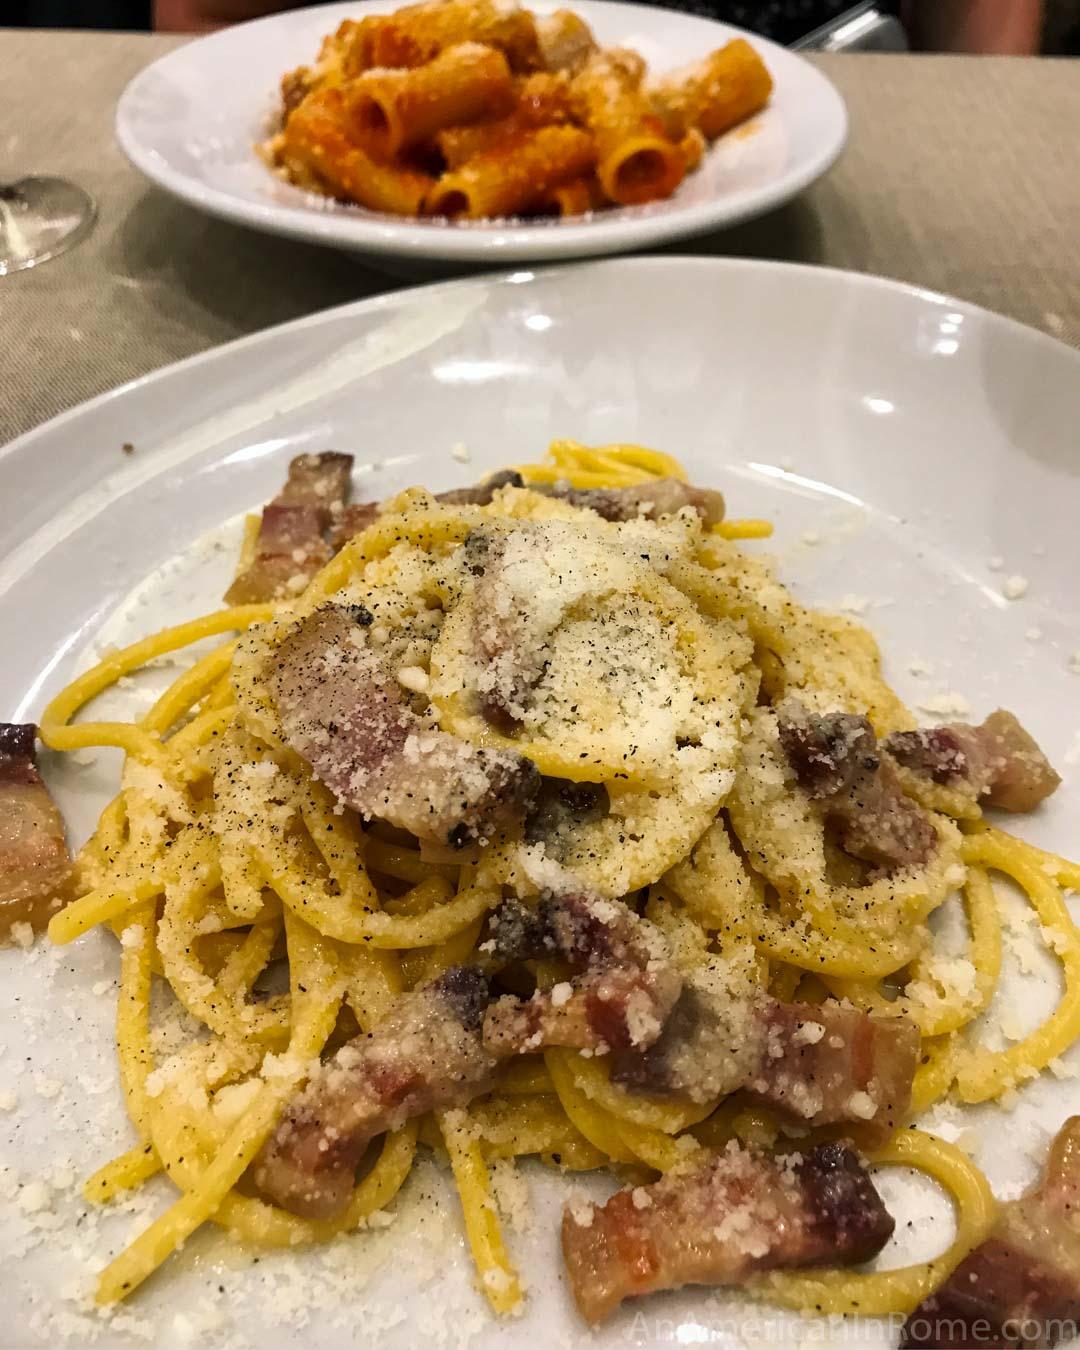 gricia pasta on white plate at La Tavernaccia